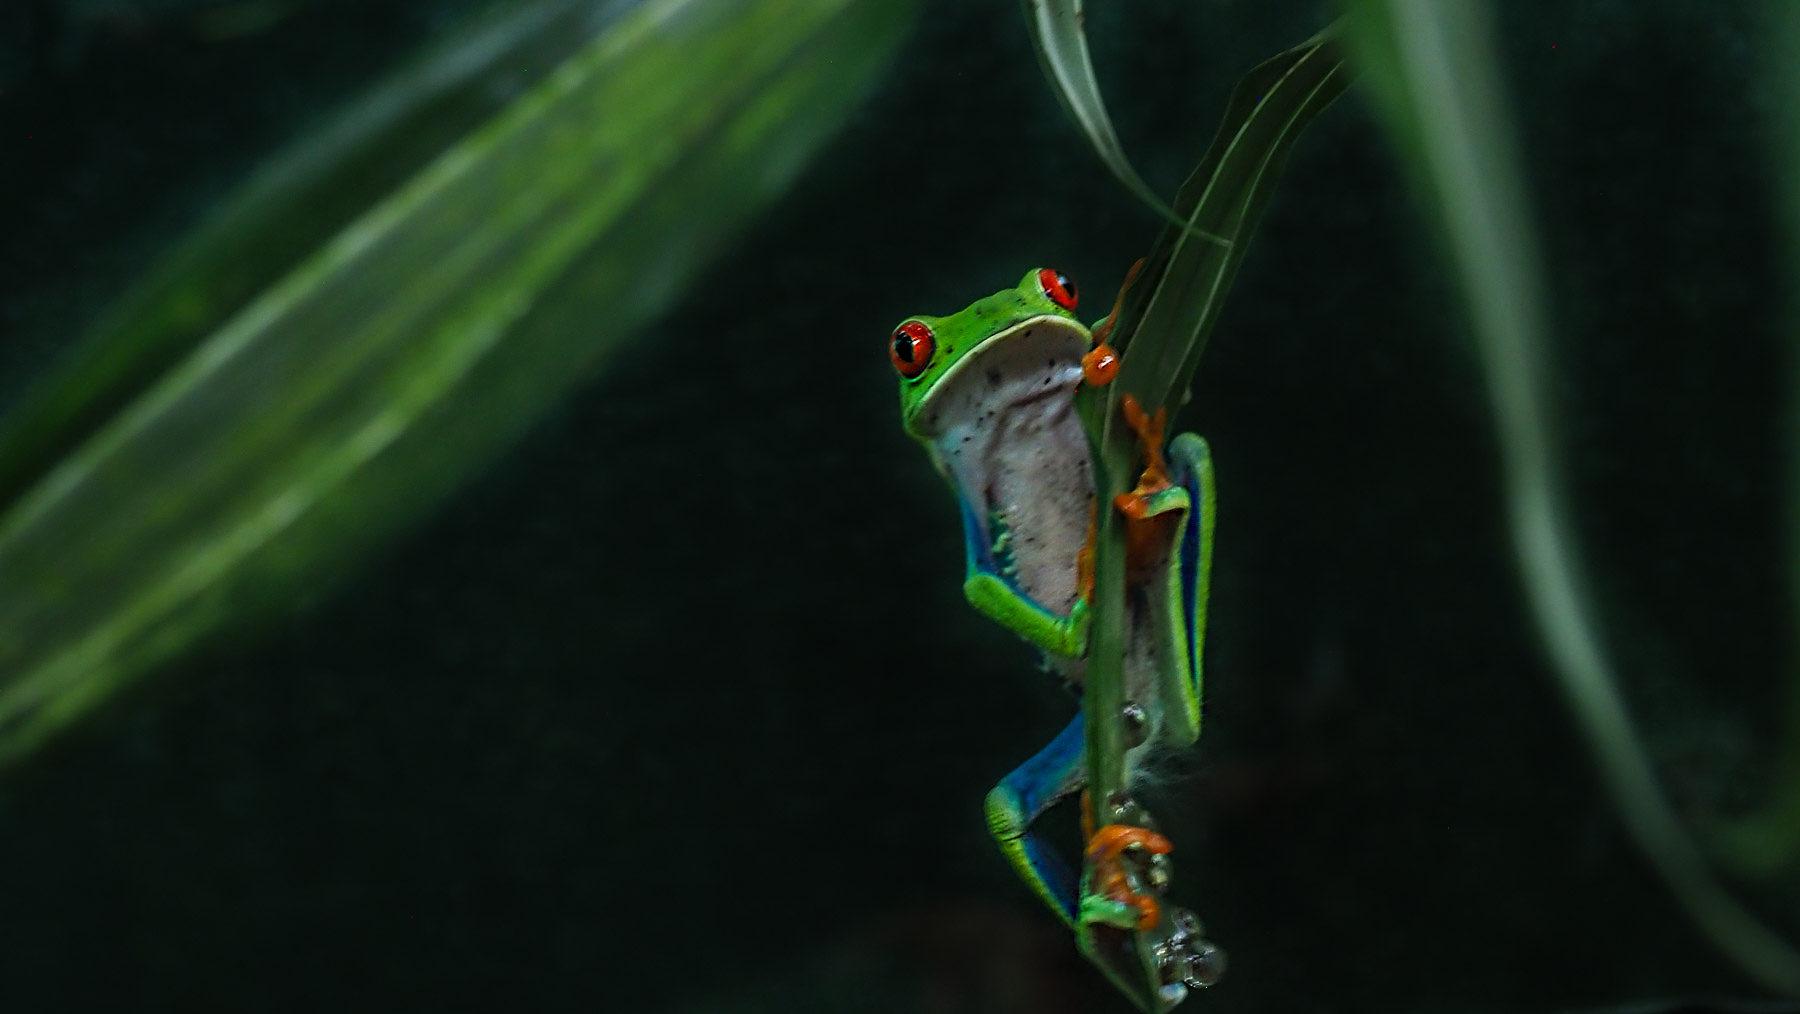 Der ist so süß – der Rotaugenlaubfrosch! Aber nachtaktiv und schwer zu photographieren.